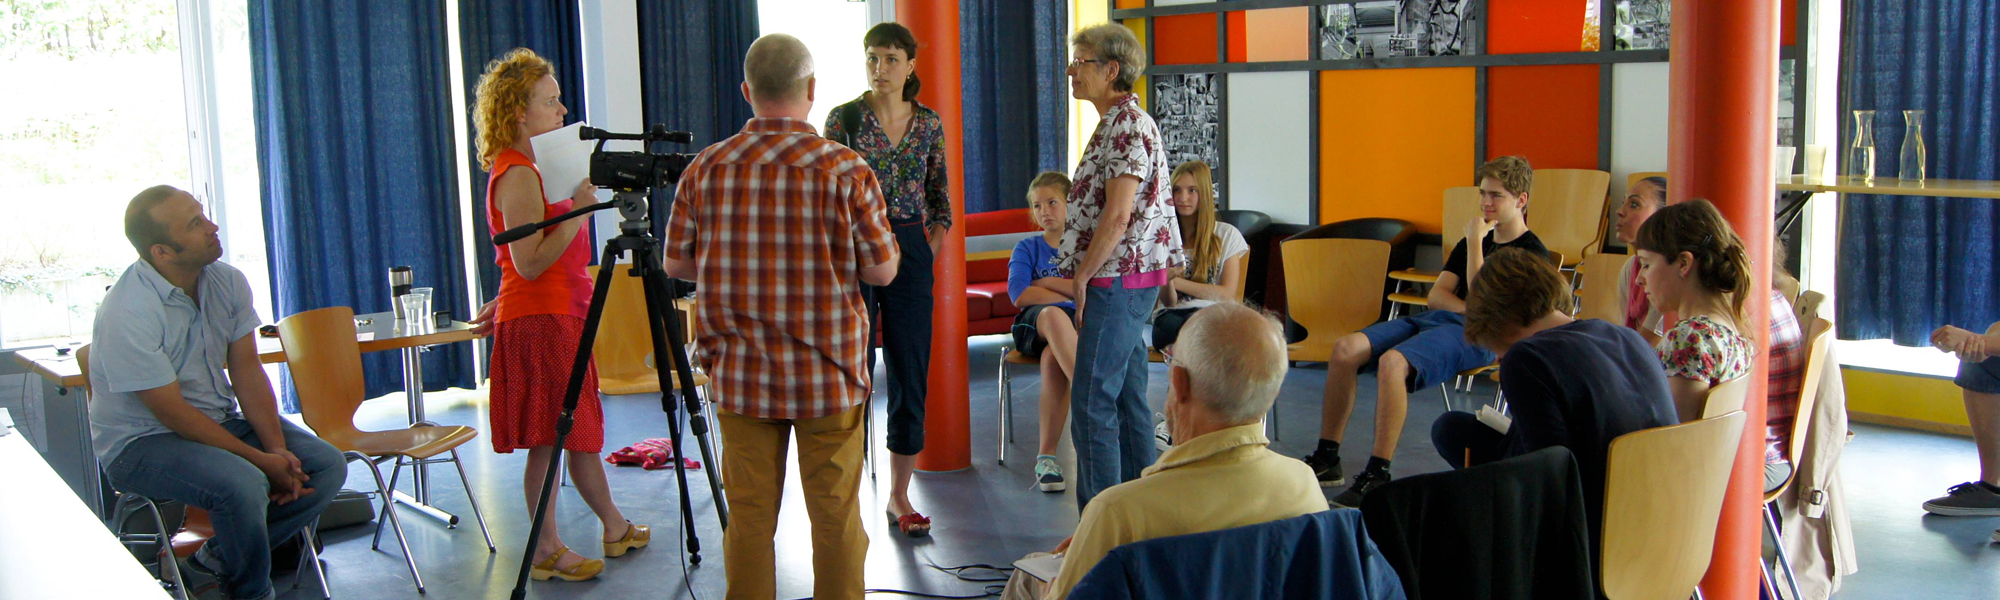 PEOPLETALK-ABZ Workshop Videoreporter